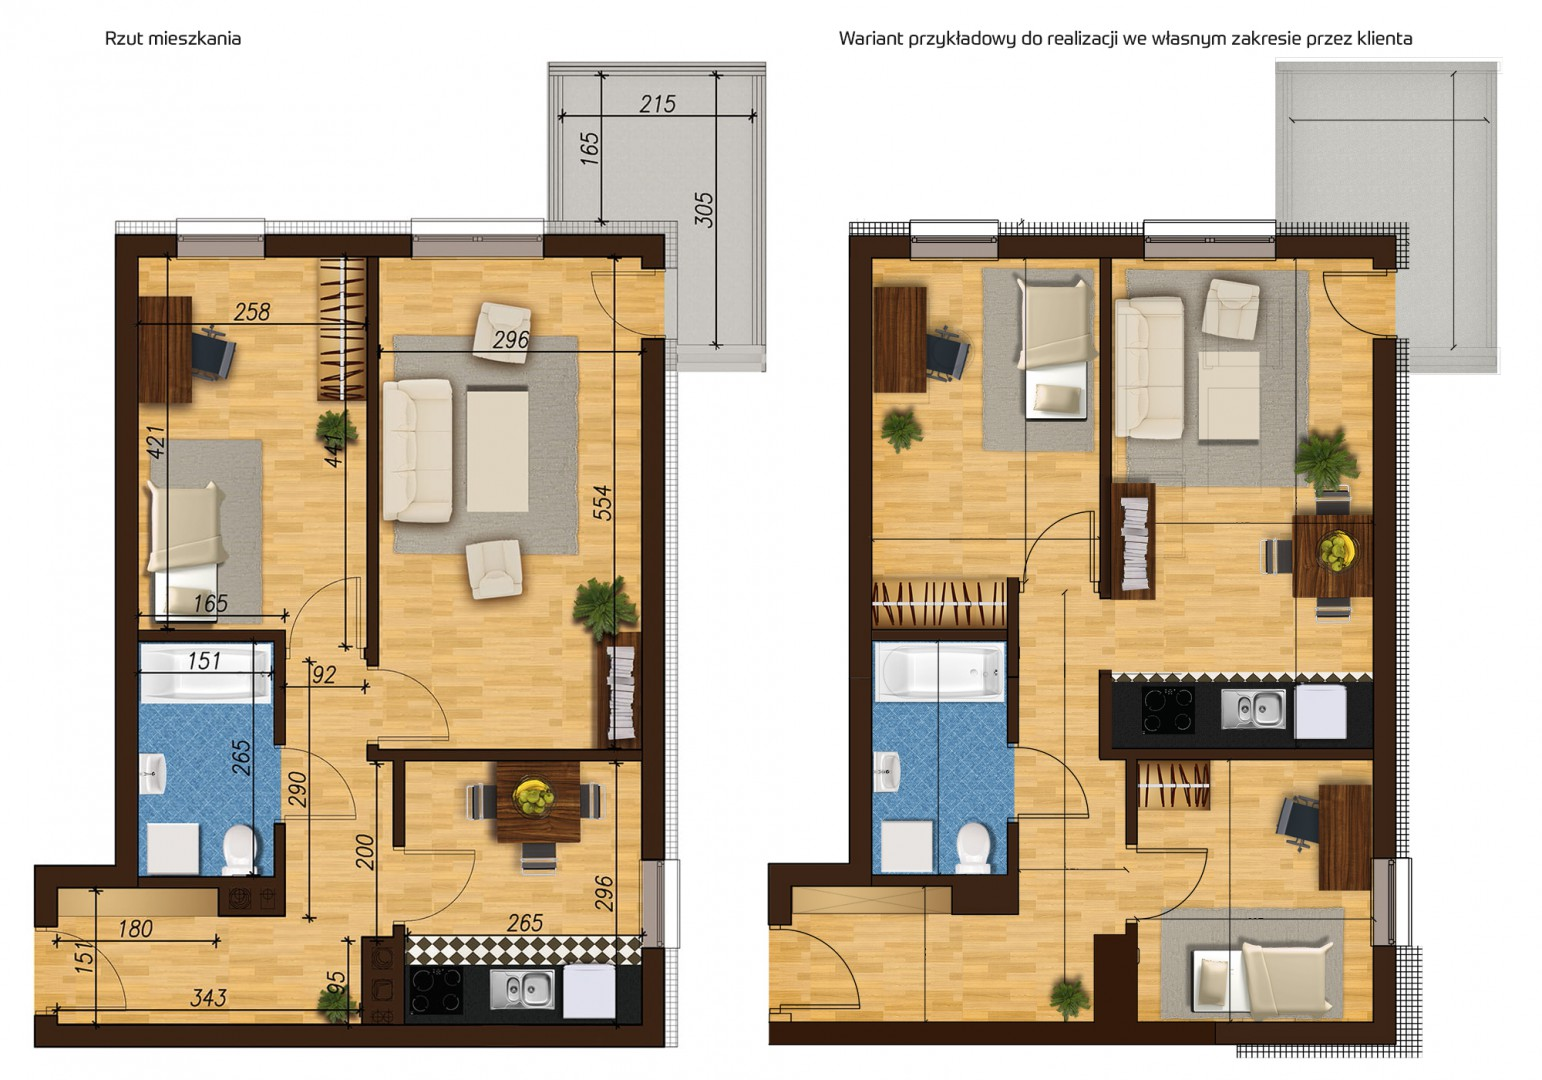 Mieszkanie dwupokojowe 33E/2 rzut 1